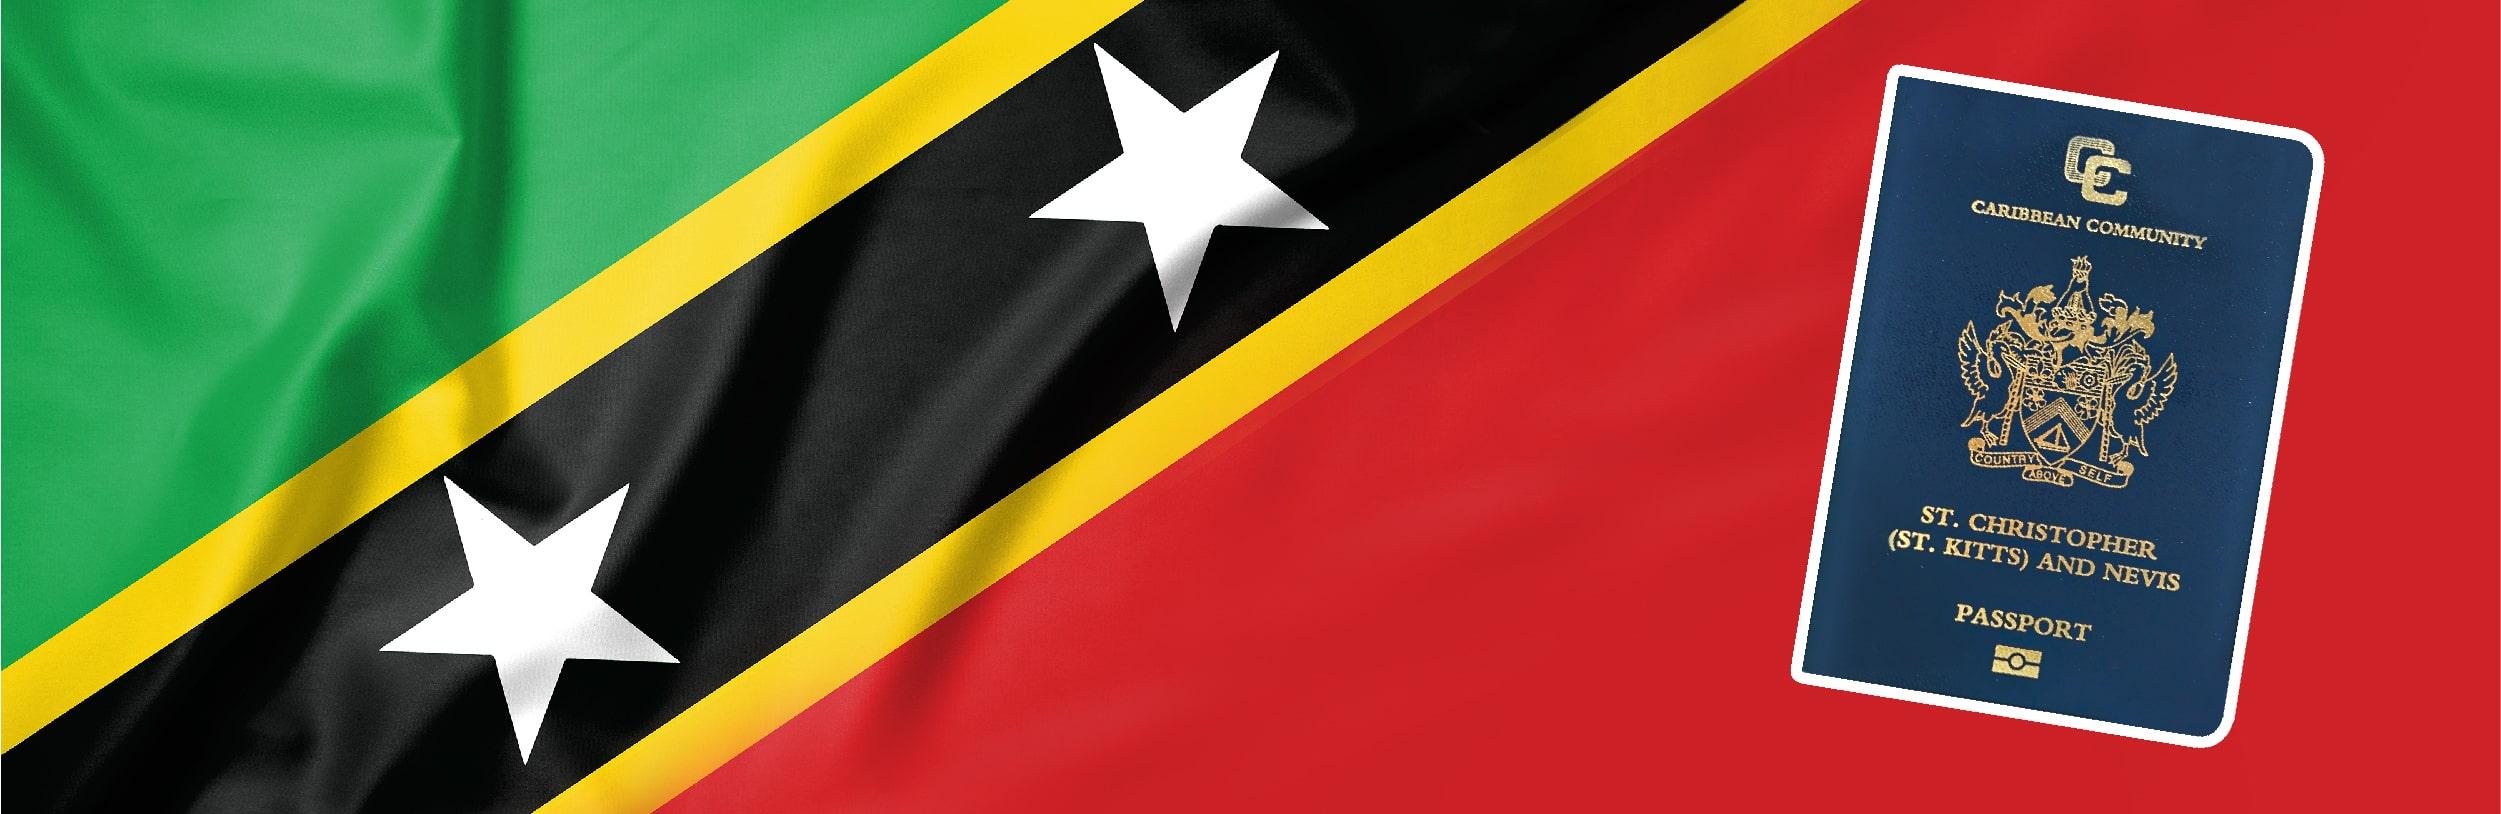 Quốc tịch Saint Kitts and Nevis Chương trình quốc tịch nhanh, mức đầu tư thấp nhất cho gia đình 4 người (banner)